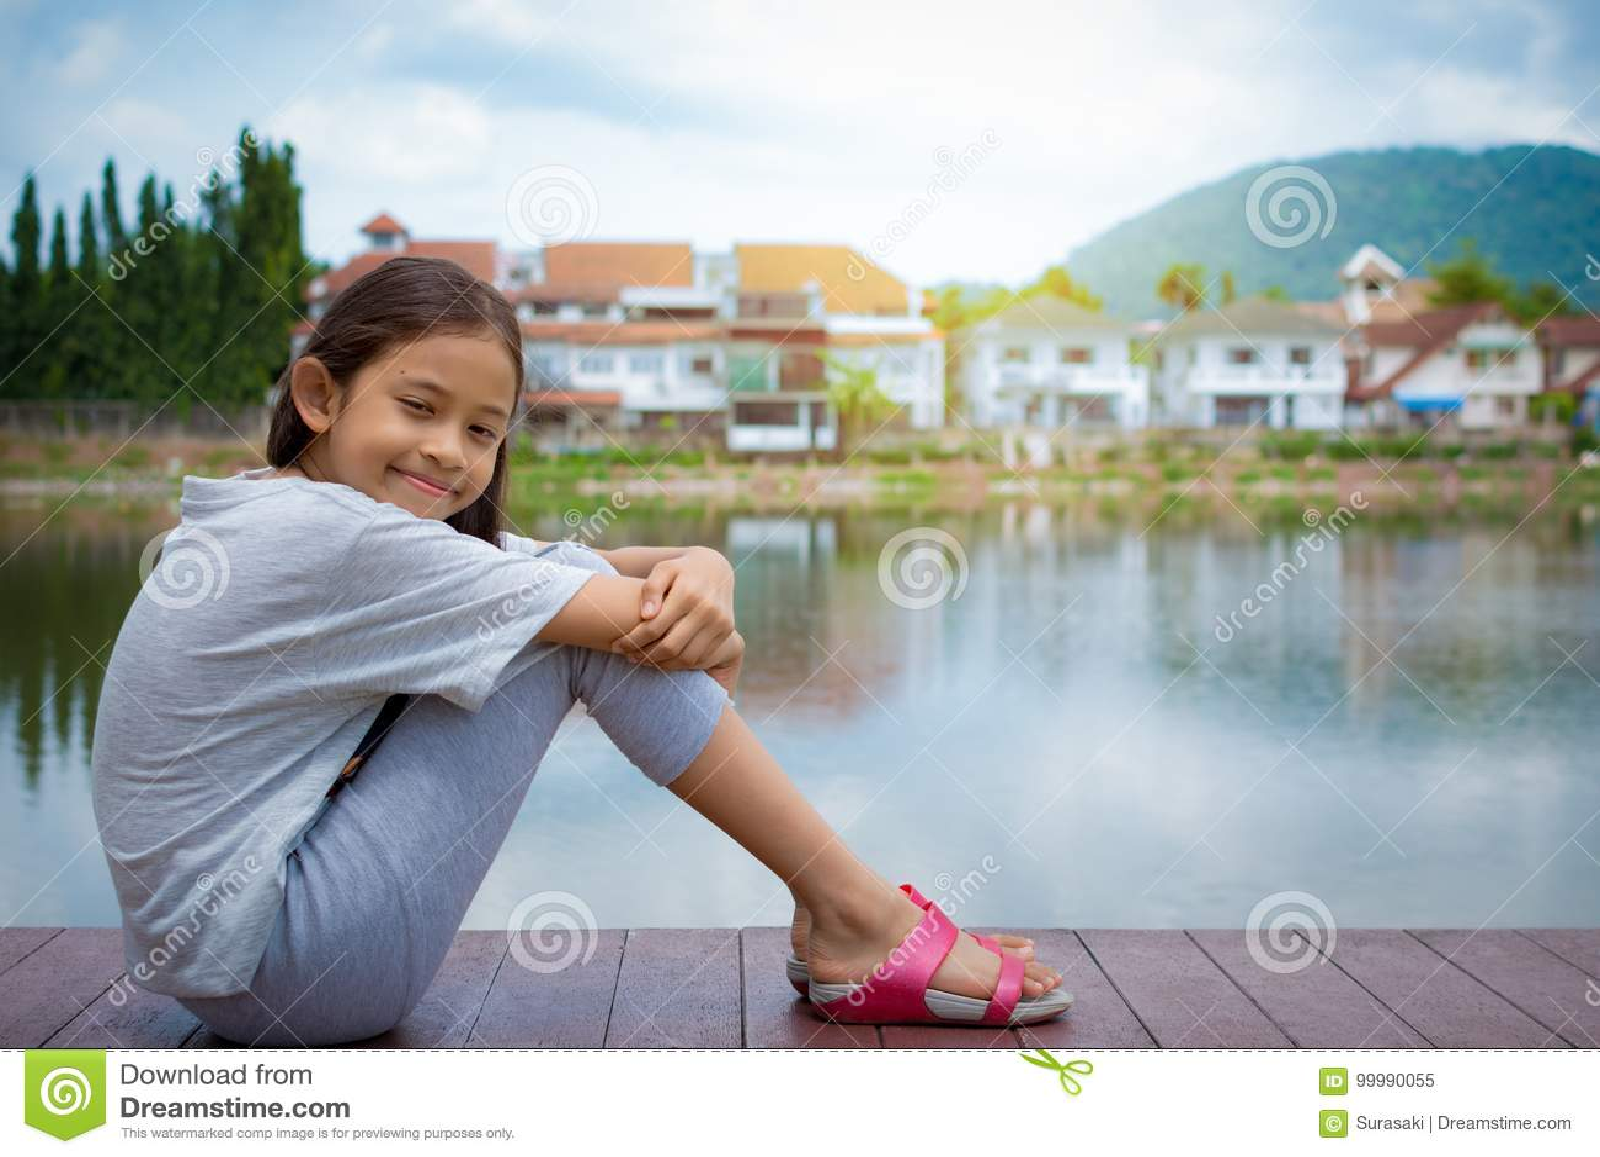 Симпатичная девушка сидя около естественного пруда с жилым массивом